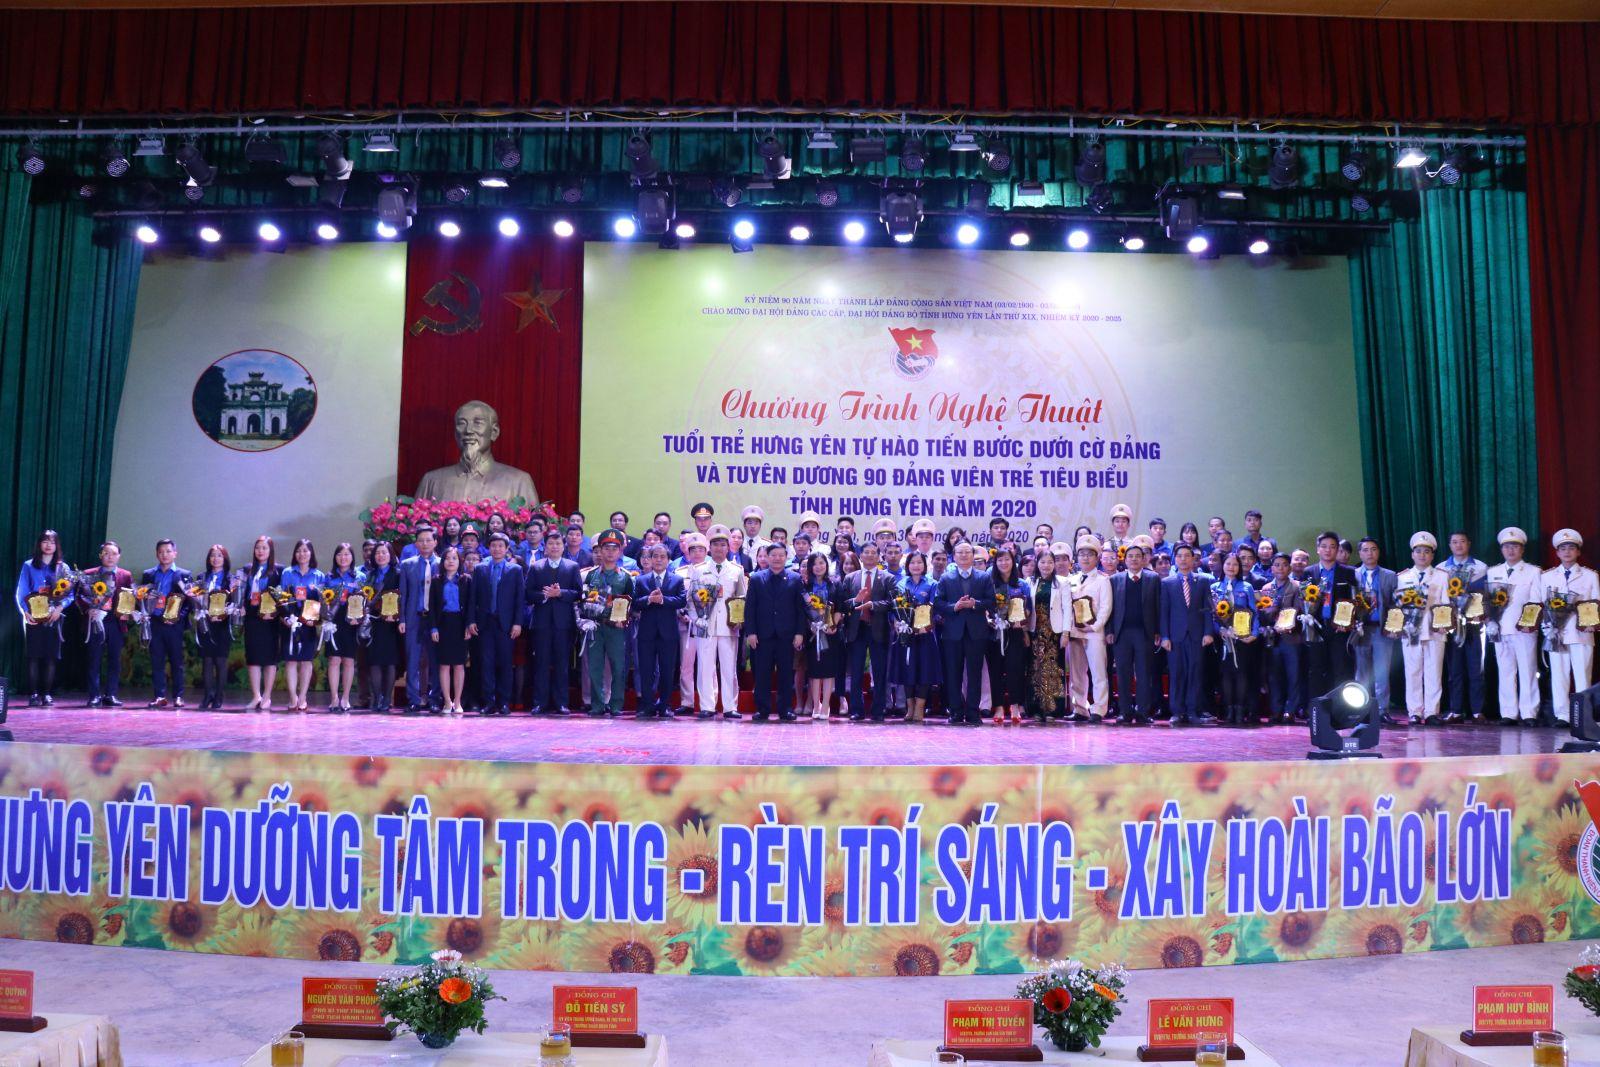 """Chương trình nghệ thuật """"Tuổi trẻ Hưng Yên tự hào tiến bước dưới cờ Đảng"""" và tuyên dương 90 đảng viên trẻ tiêu biểu"""